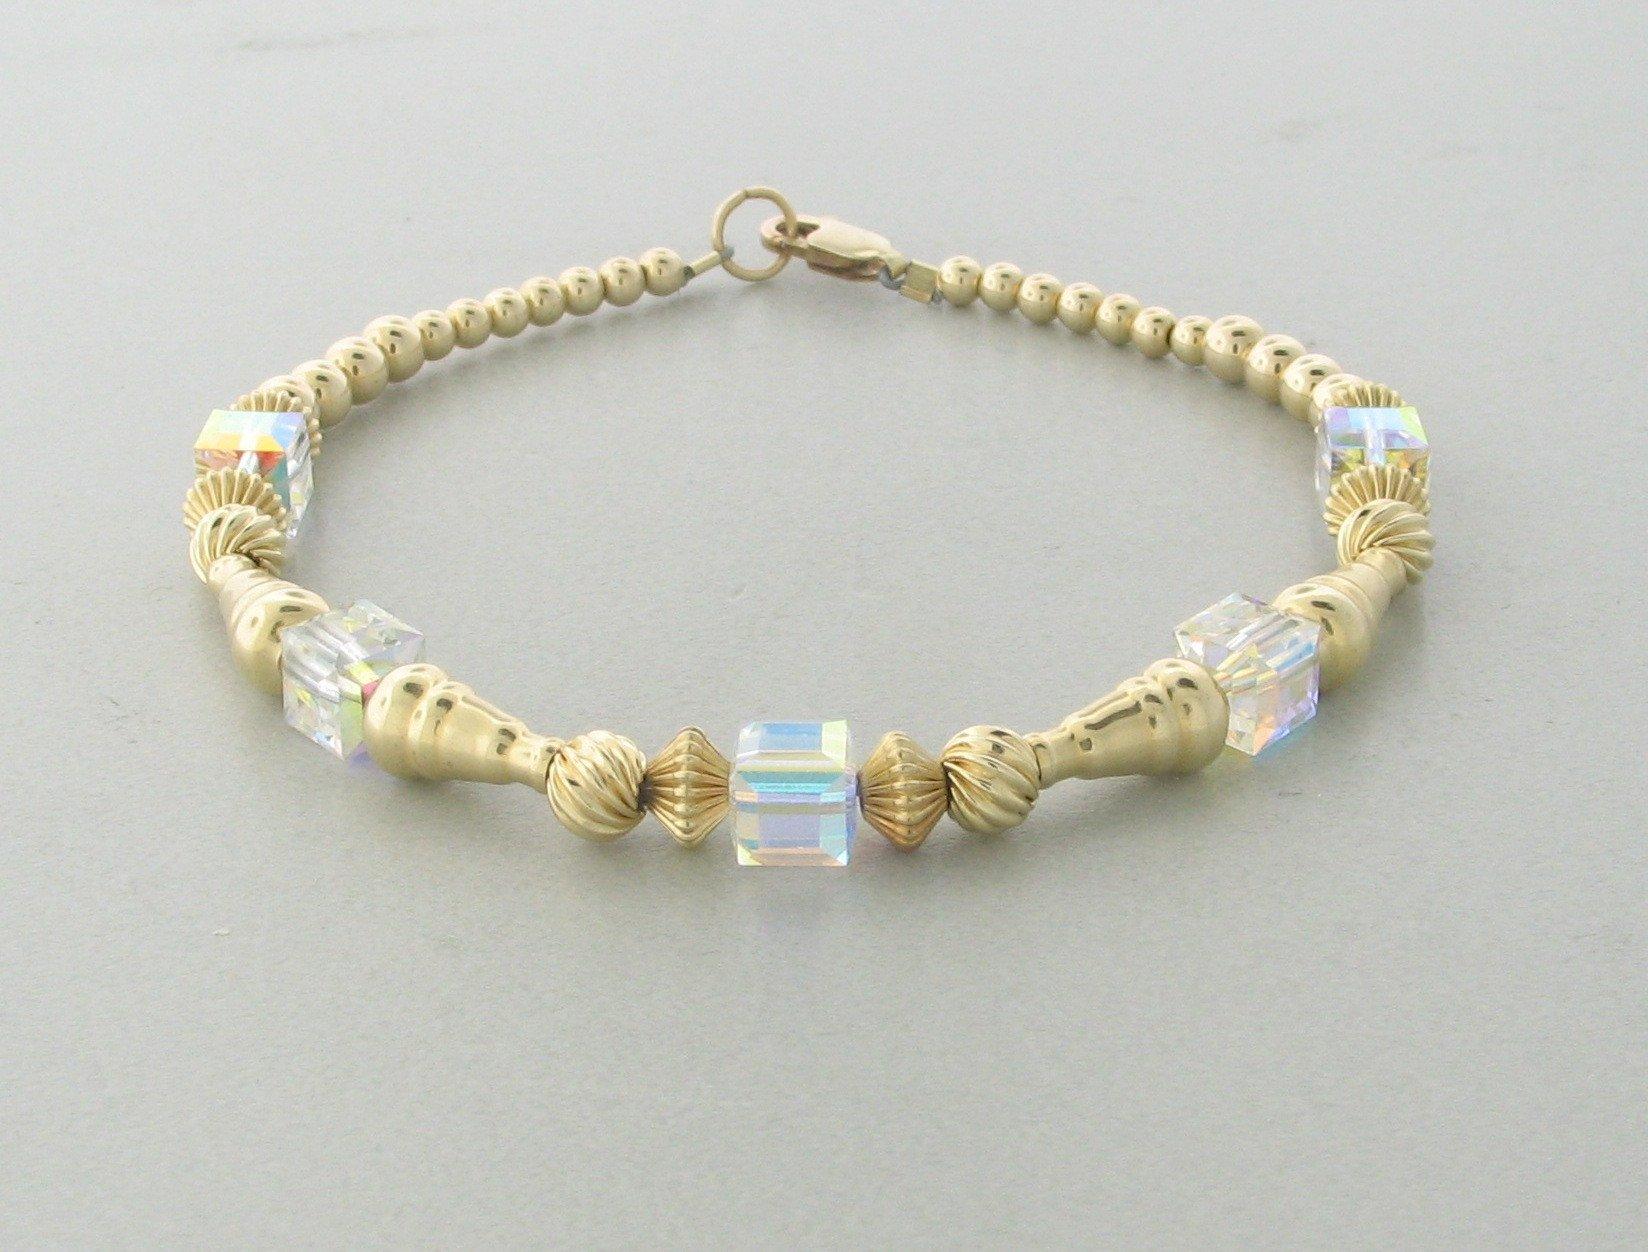 12004 – 14K Gold filled Bracelet With Swarovski Crystal